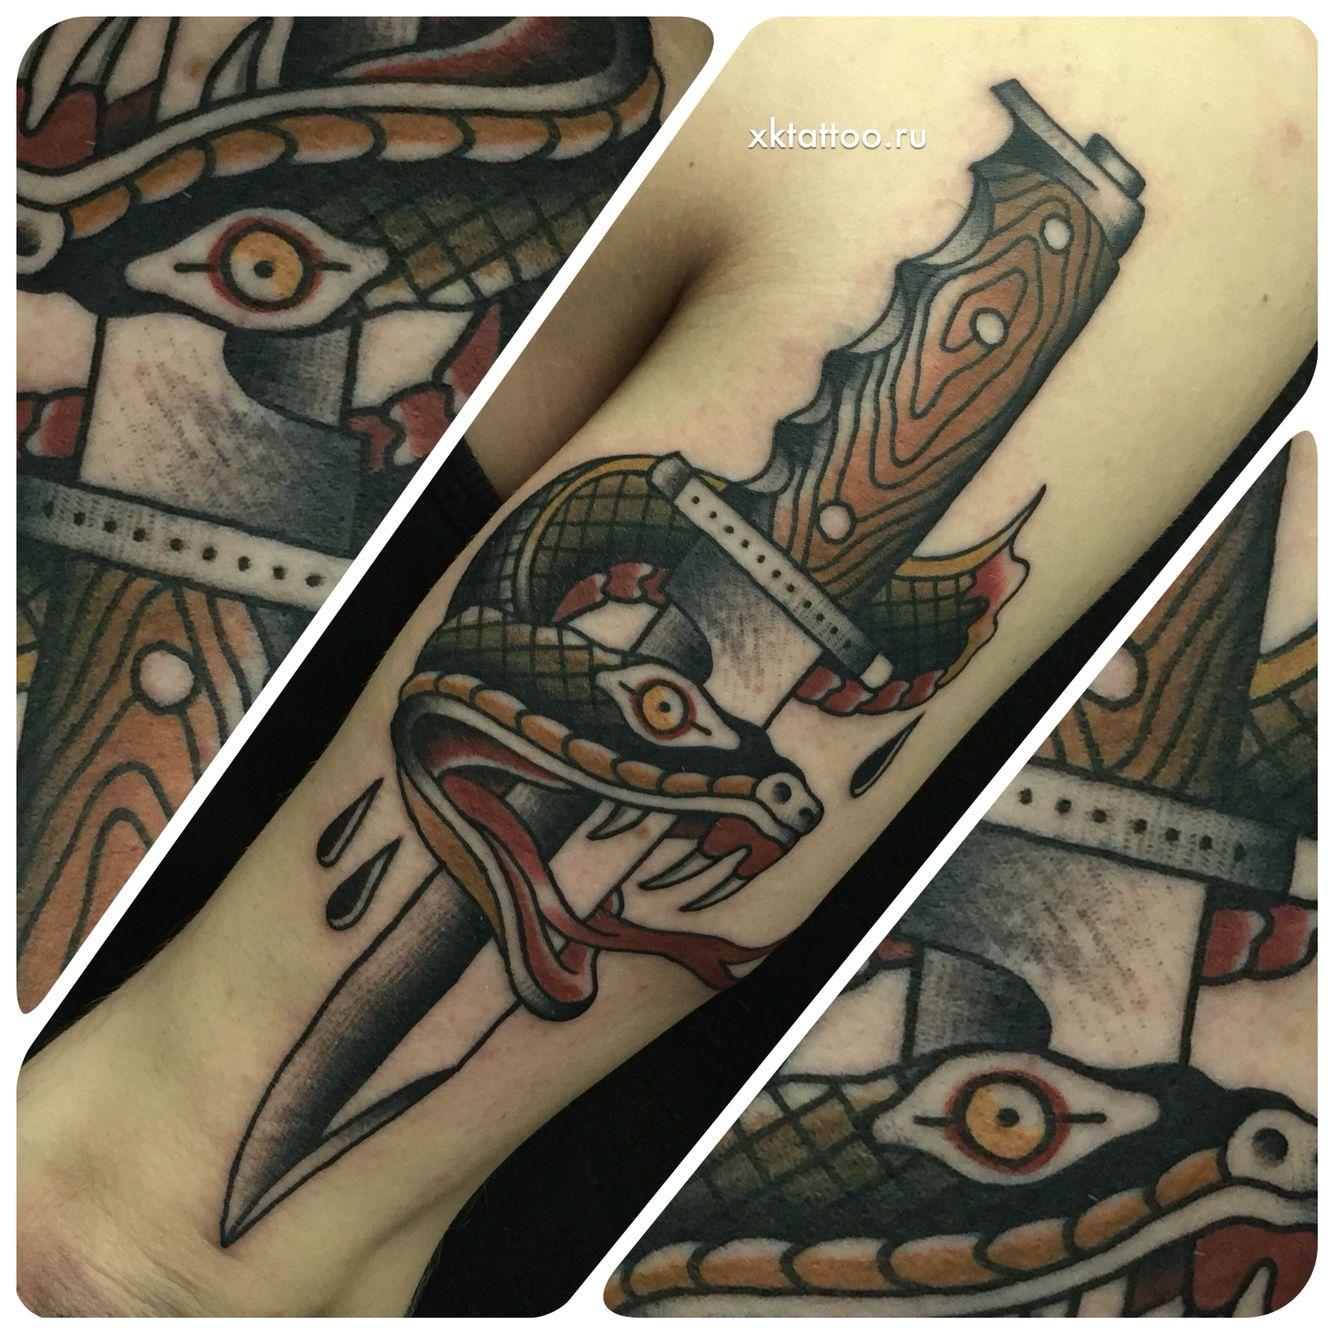 Dagger VS snake. Tattoo by Dmitry Rechnoy (Re4noy). XKtattoo studio. http://www.xktattoo.ru